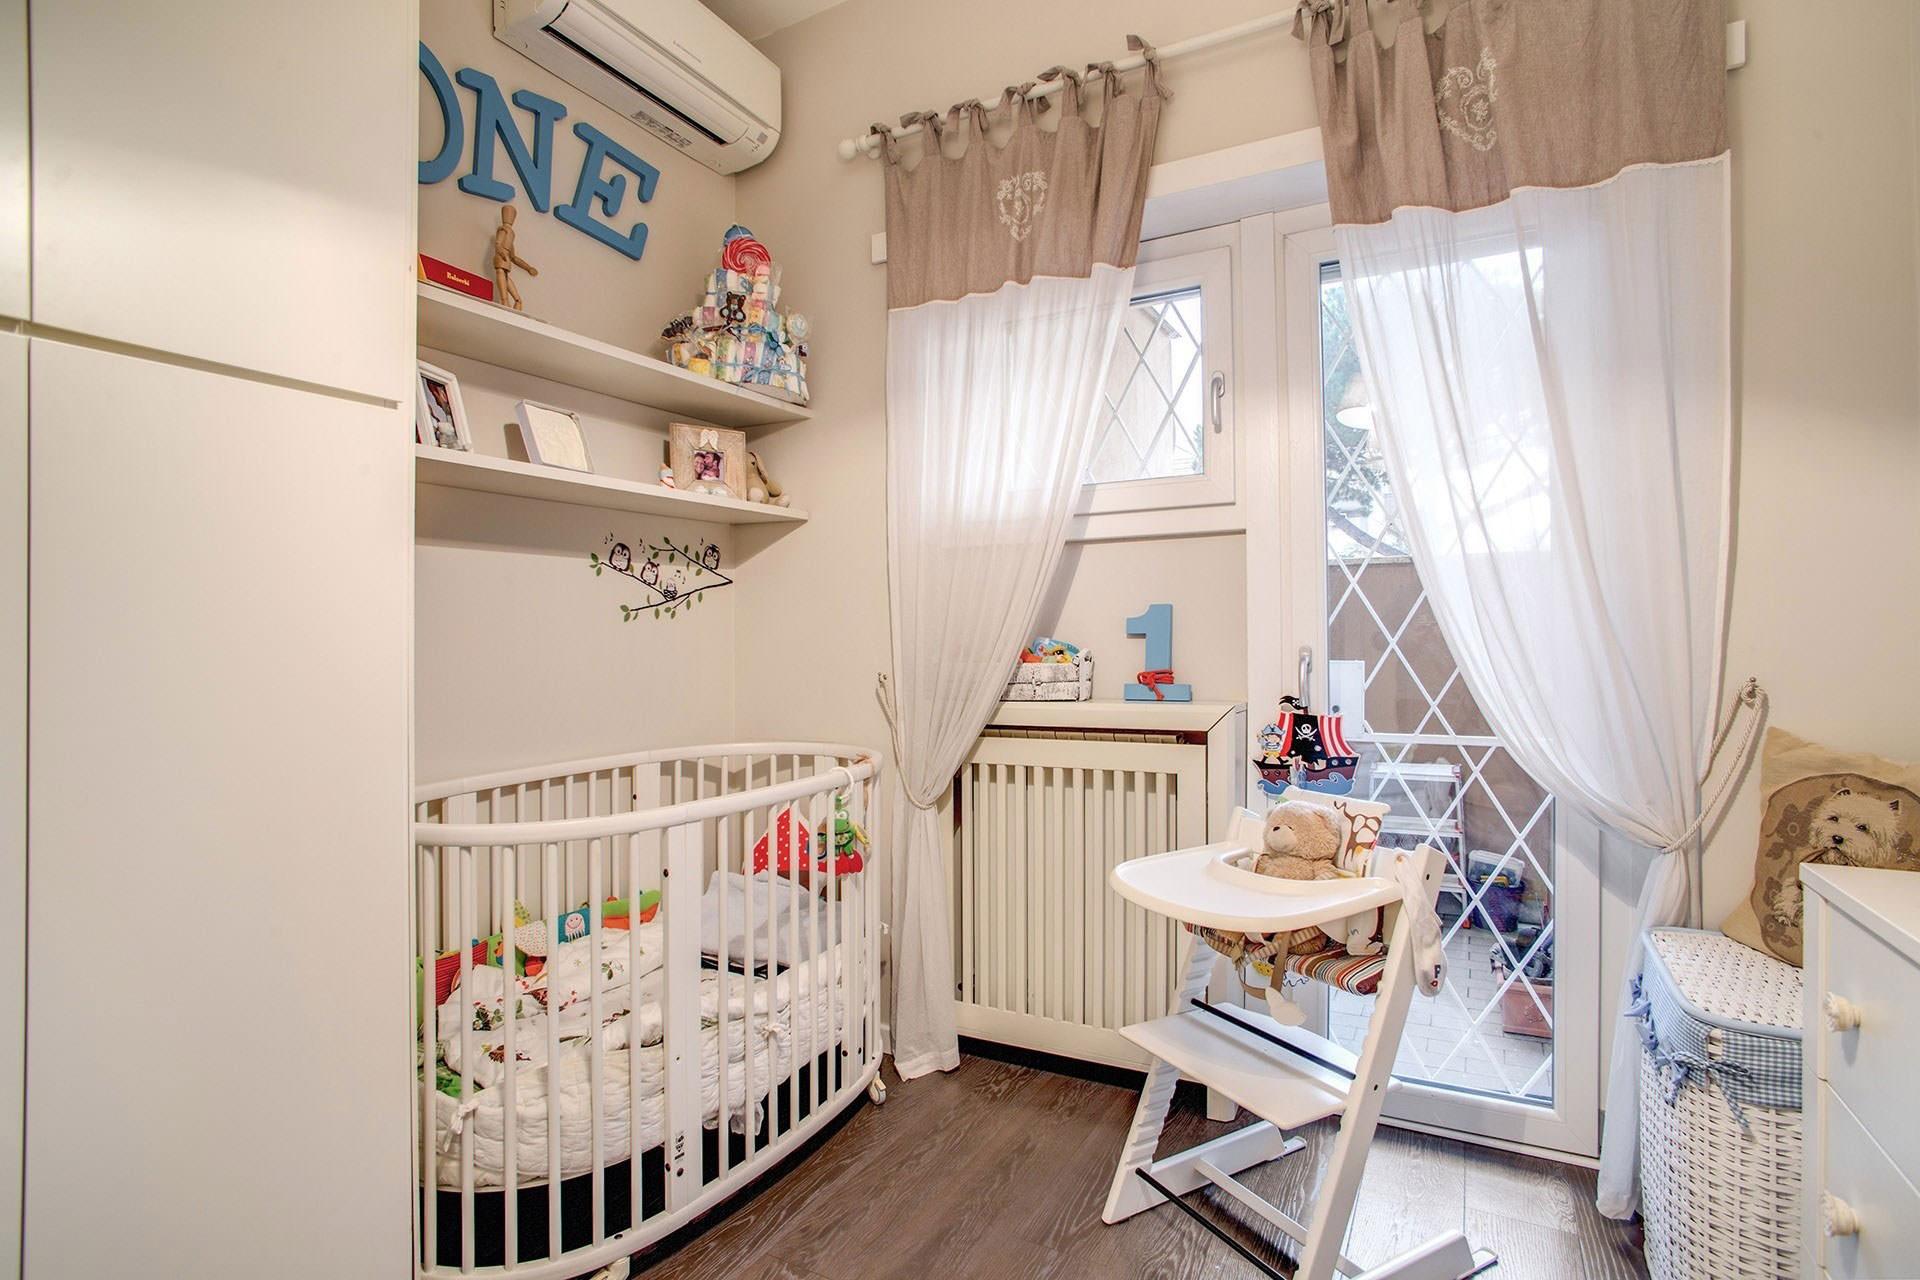 komforten-apartament-sas-sempal-dizain-v-rim-915g